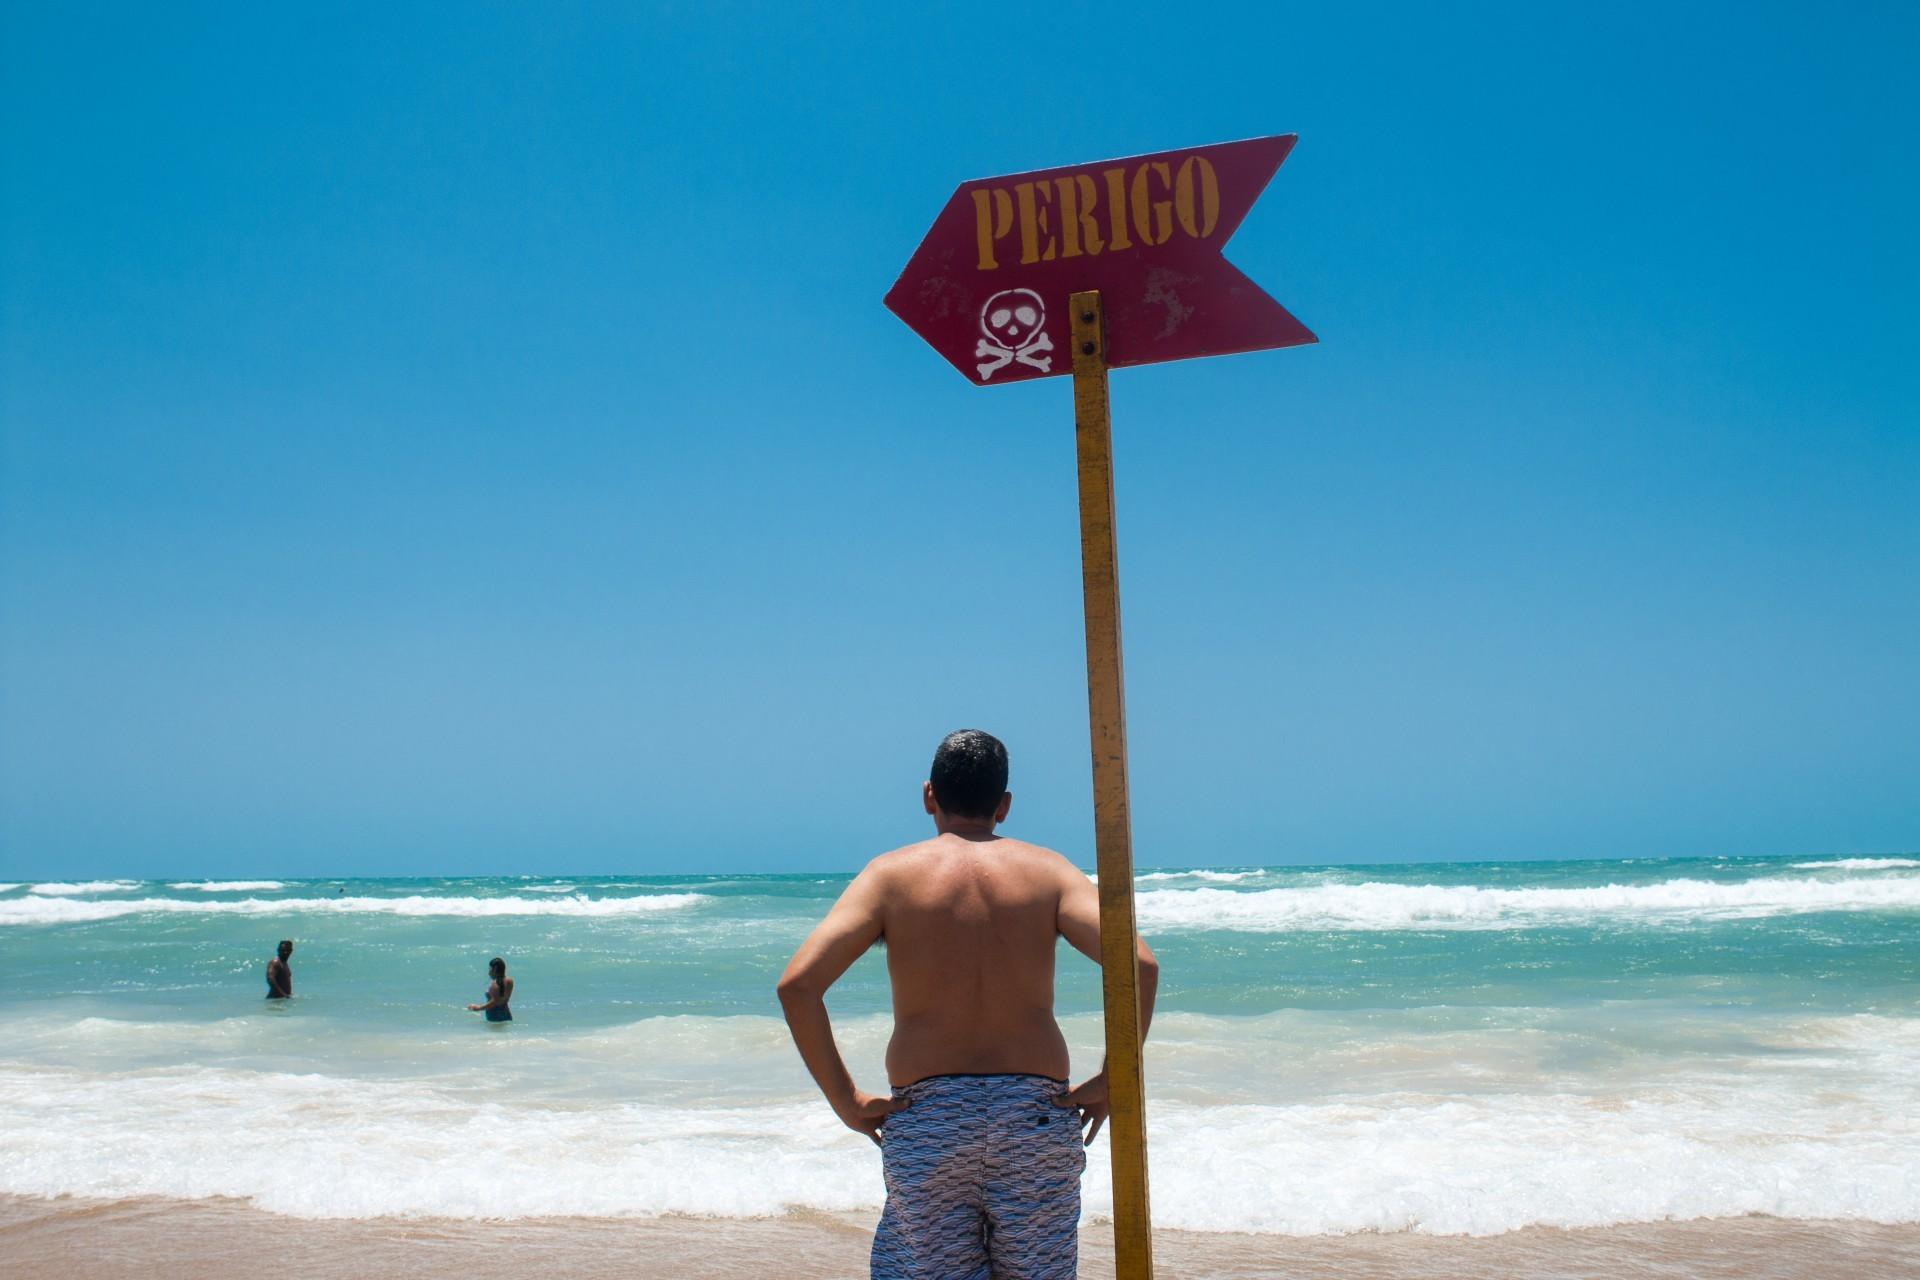 FORTALEZA, CE, BRASIL, 12-09-2018: Grande movimentação na Praia do Futuro, nesse domingo. O Corpo de Bombeiros alerta os banhistas em relação ao risco de afogamento, que vem sendo constantes durante esse período. (Foto: Fernanda Barros/ O POVO) (Foto: Fernanda Barros)